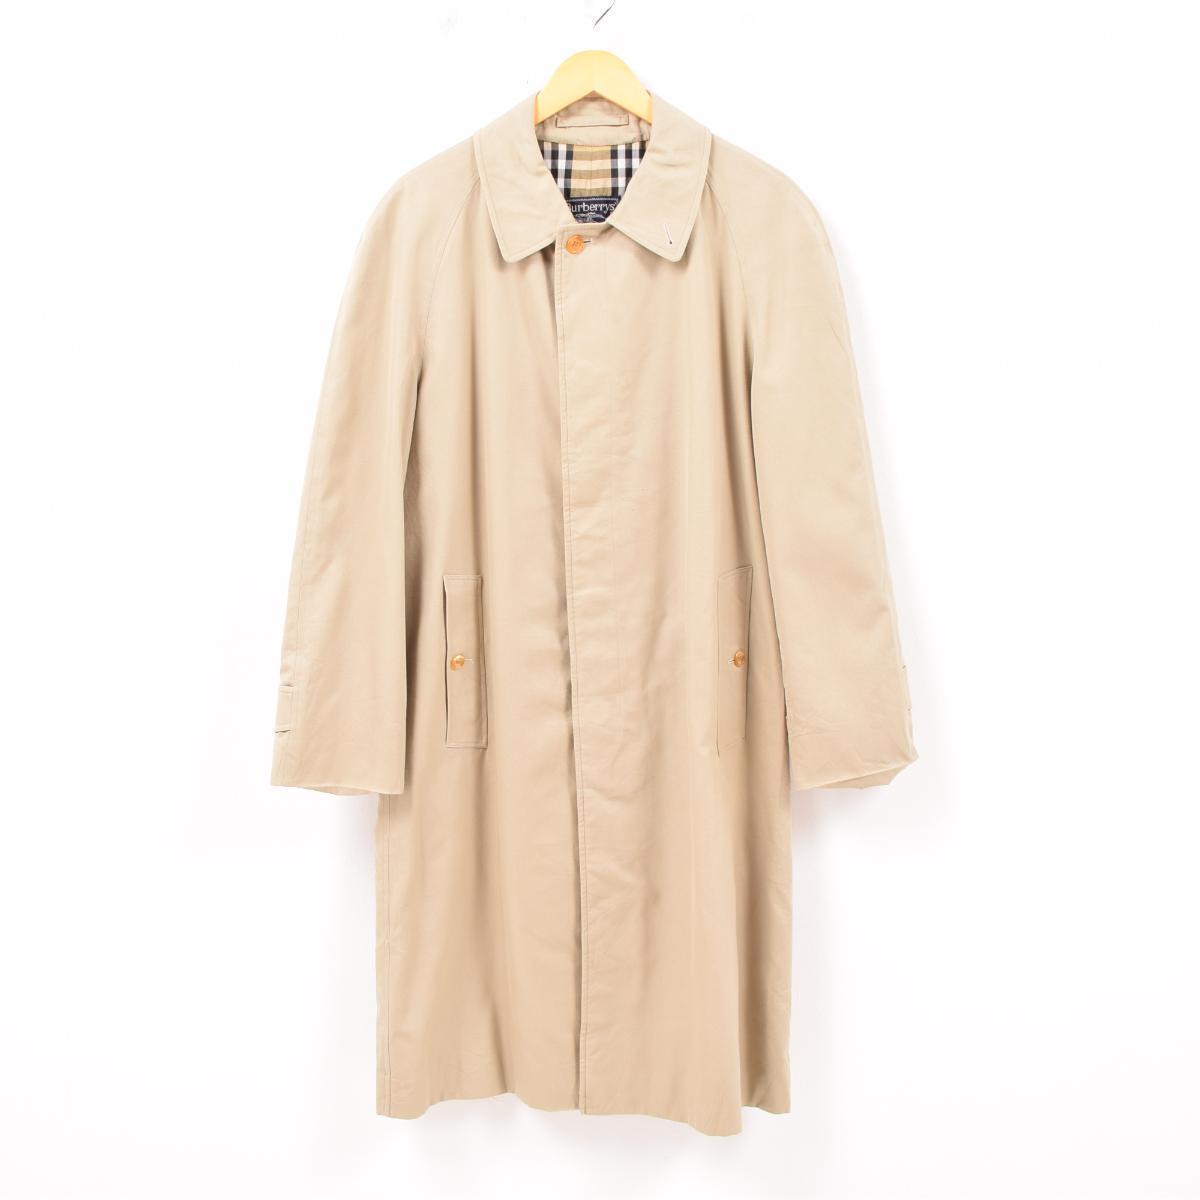 バーバリー Burberry's ステンカラーコート バルマカーンコート 英国製 メンズM /wbc5370 【中古】 【190323】